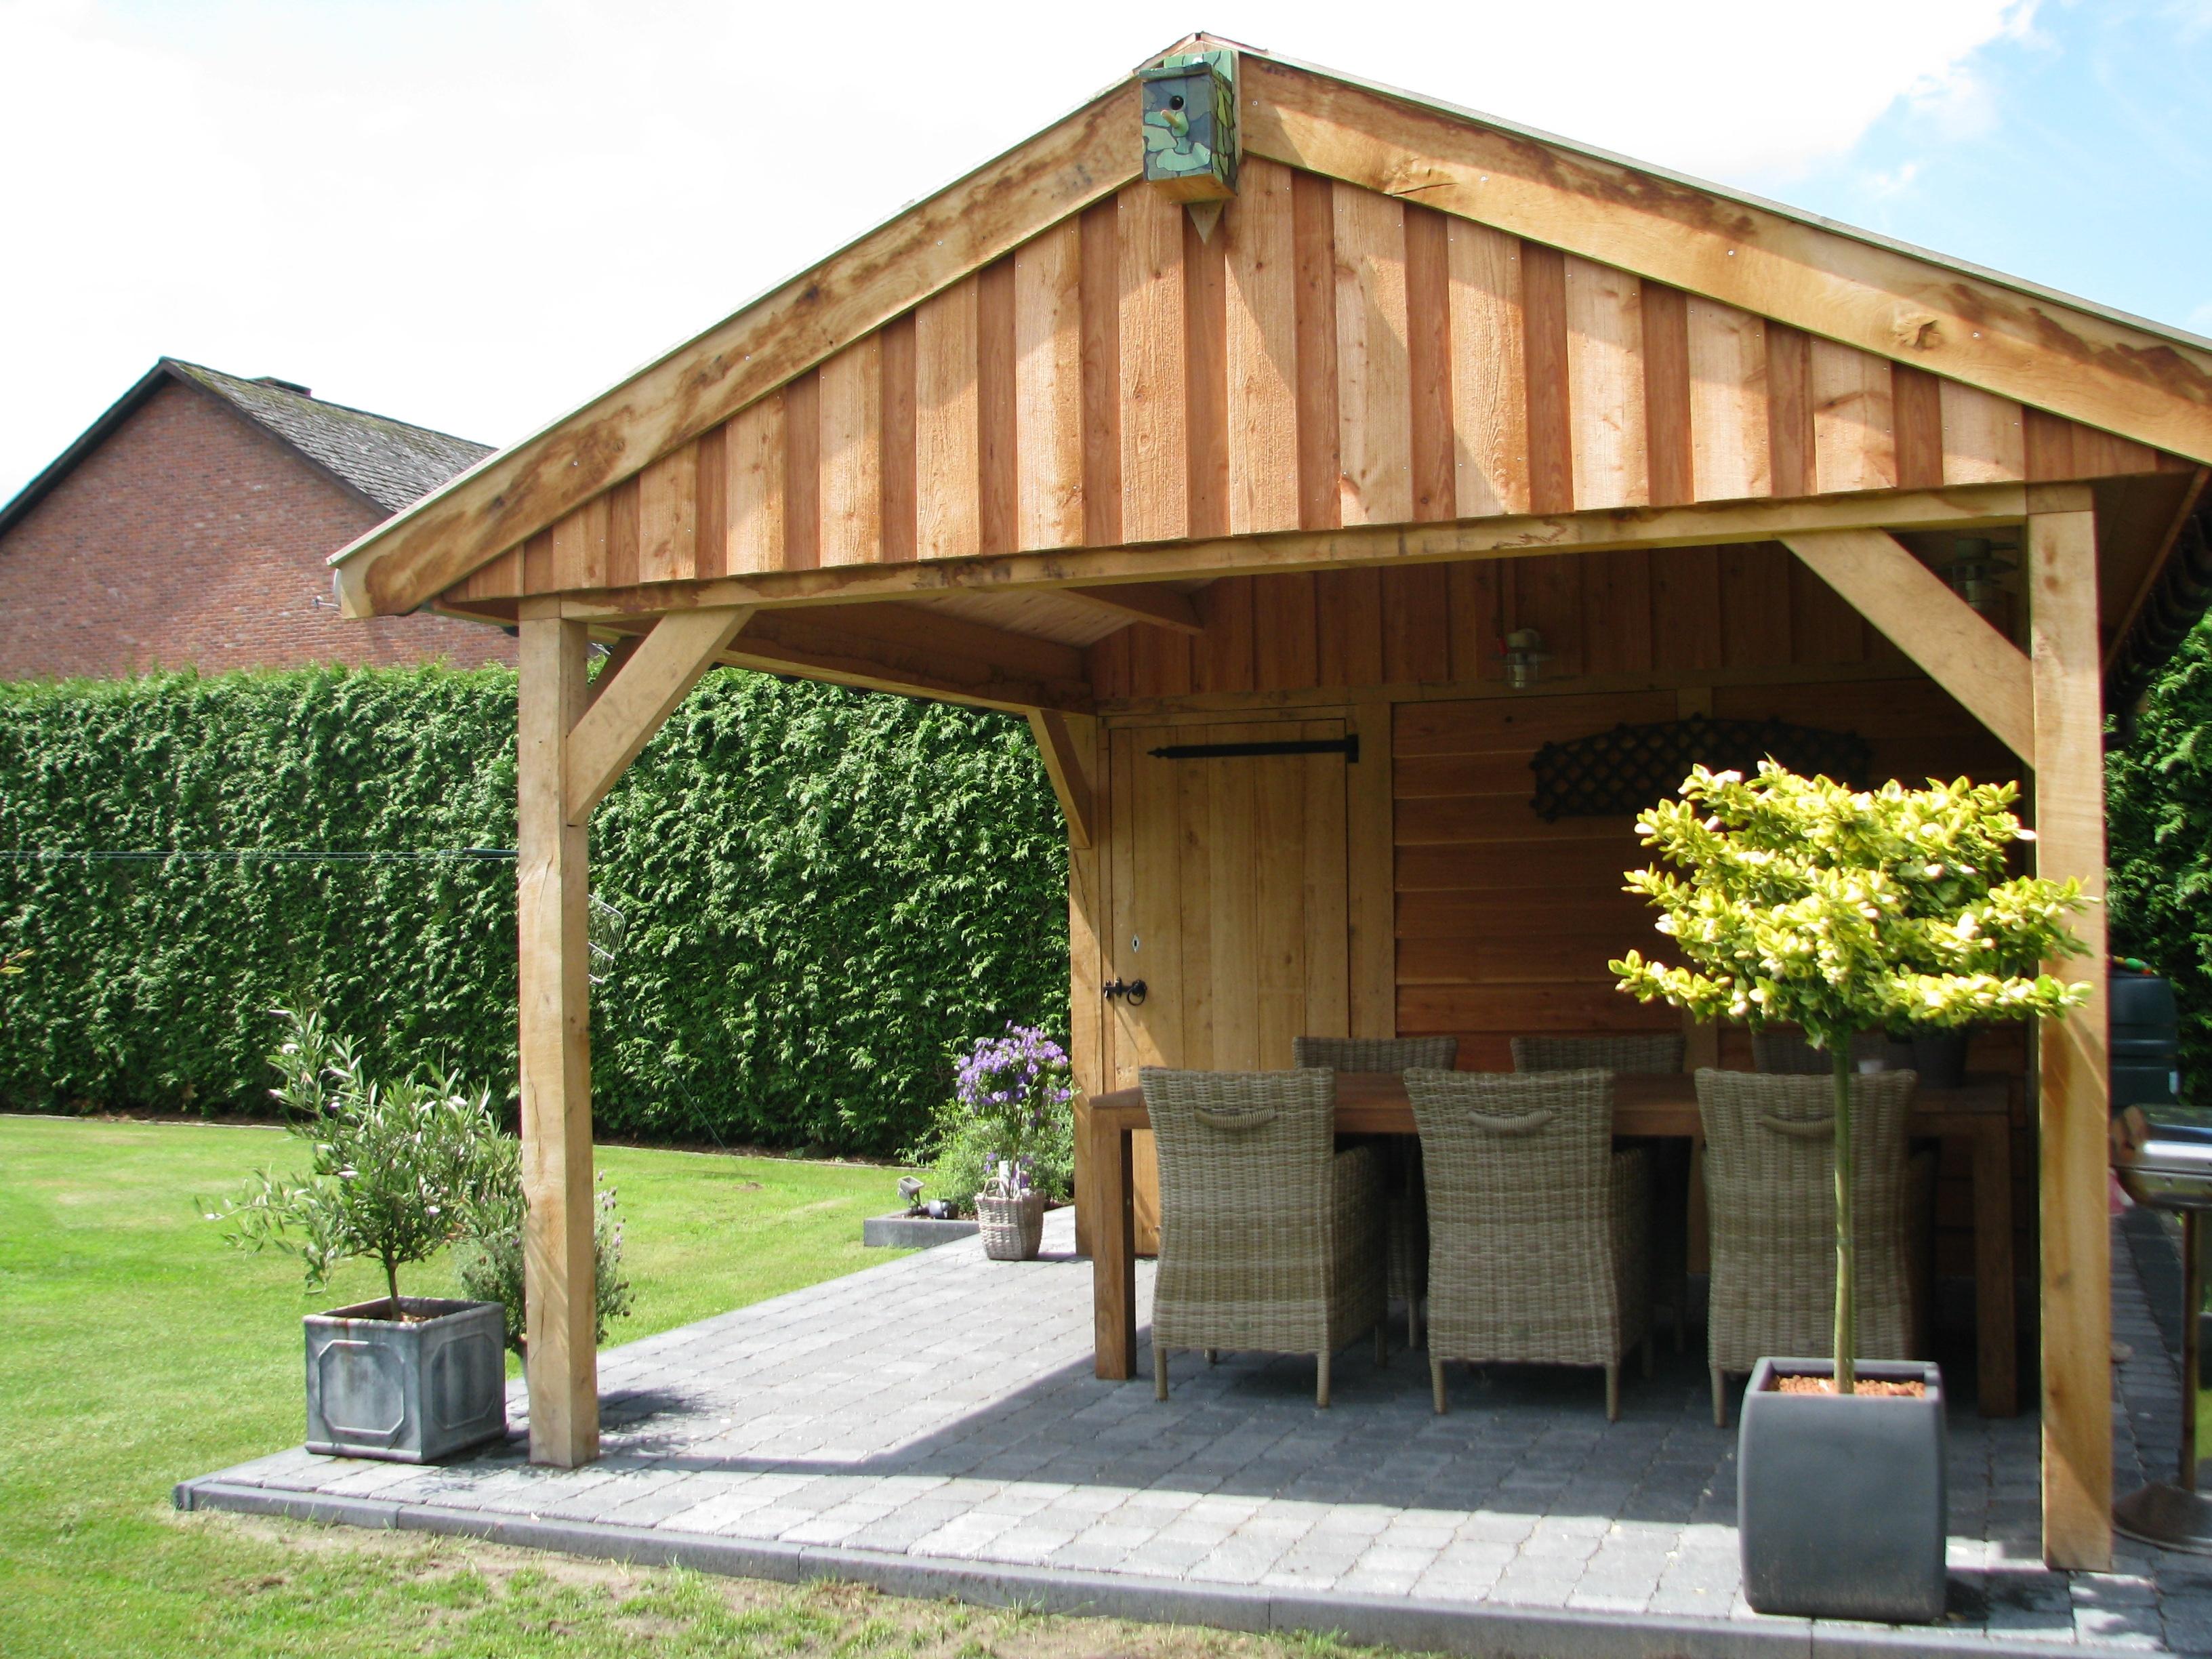 houten_bijgebouw_eiken - Foto's van gerealiseerde tuinhuis met veranda in België.